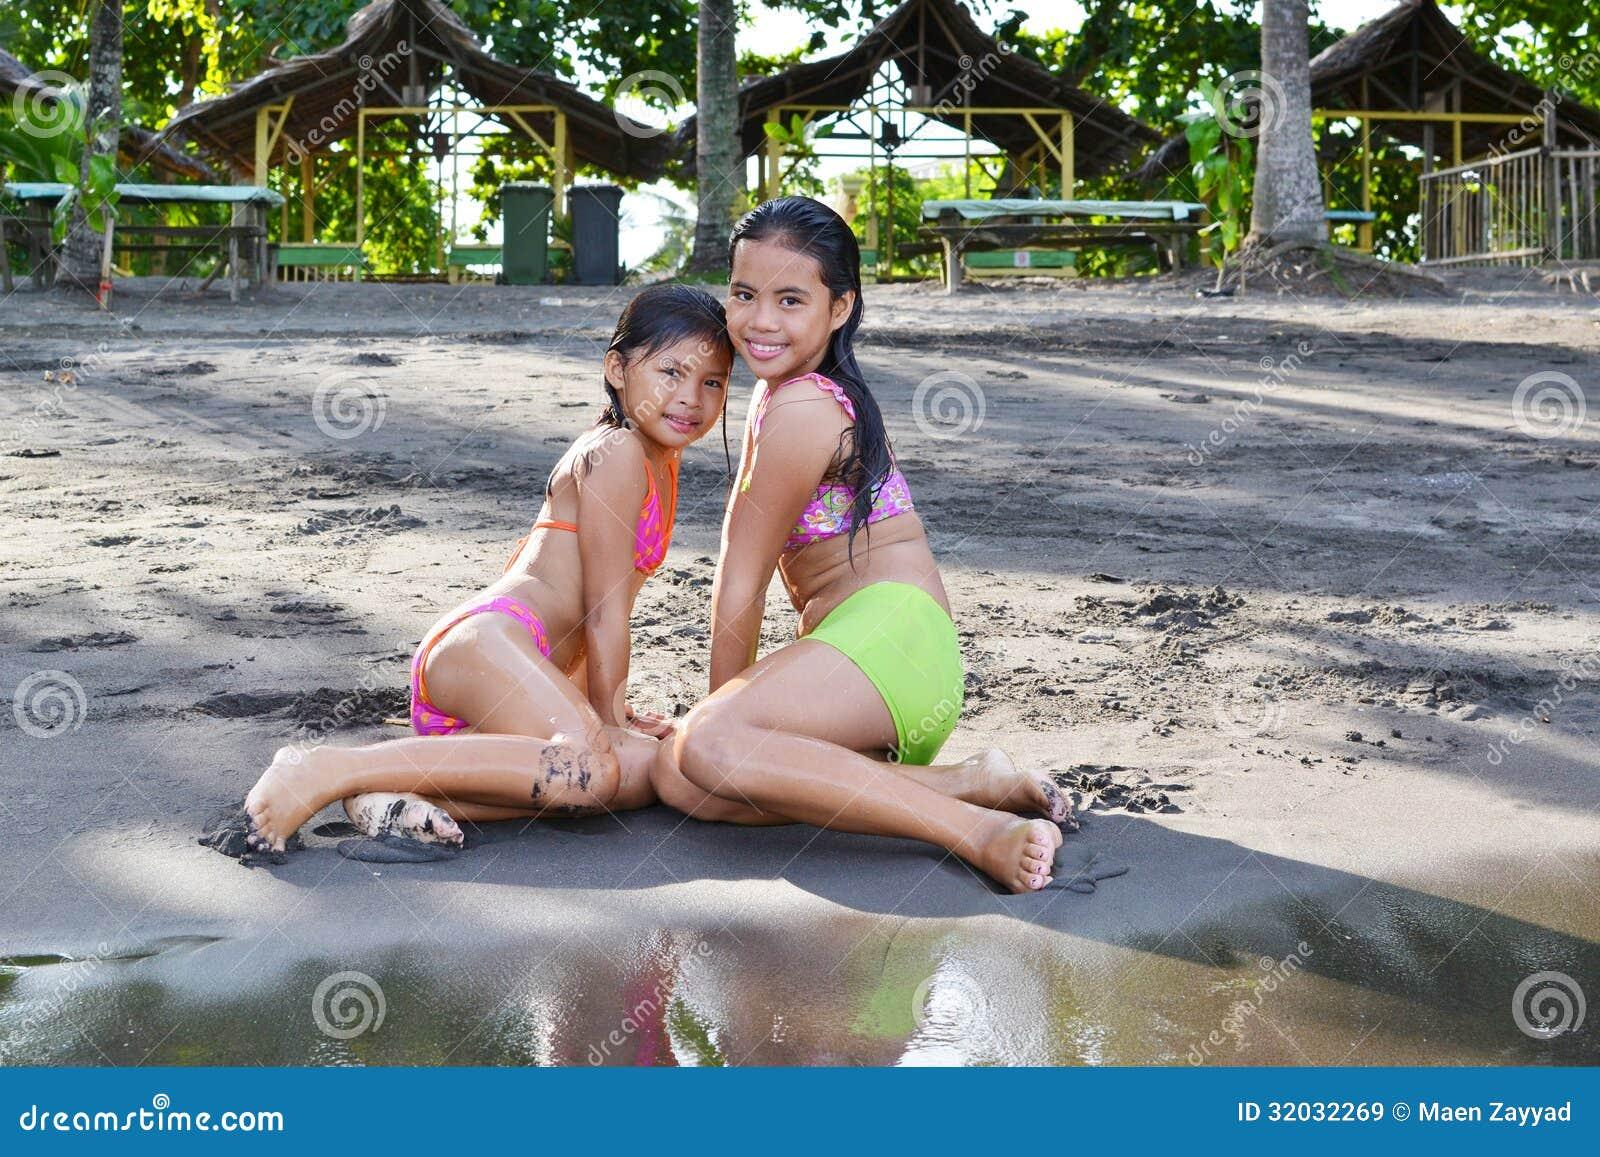 Innocent Innocent teen brunette girl posing naked -